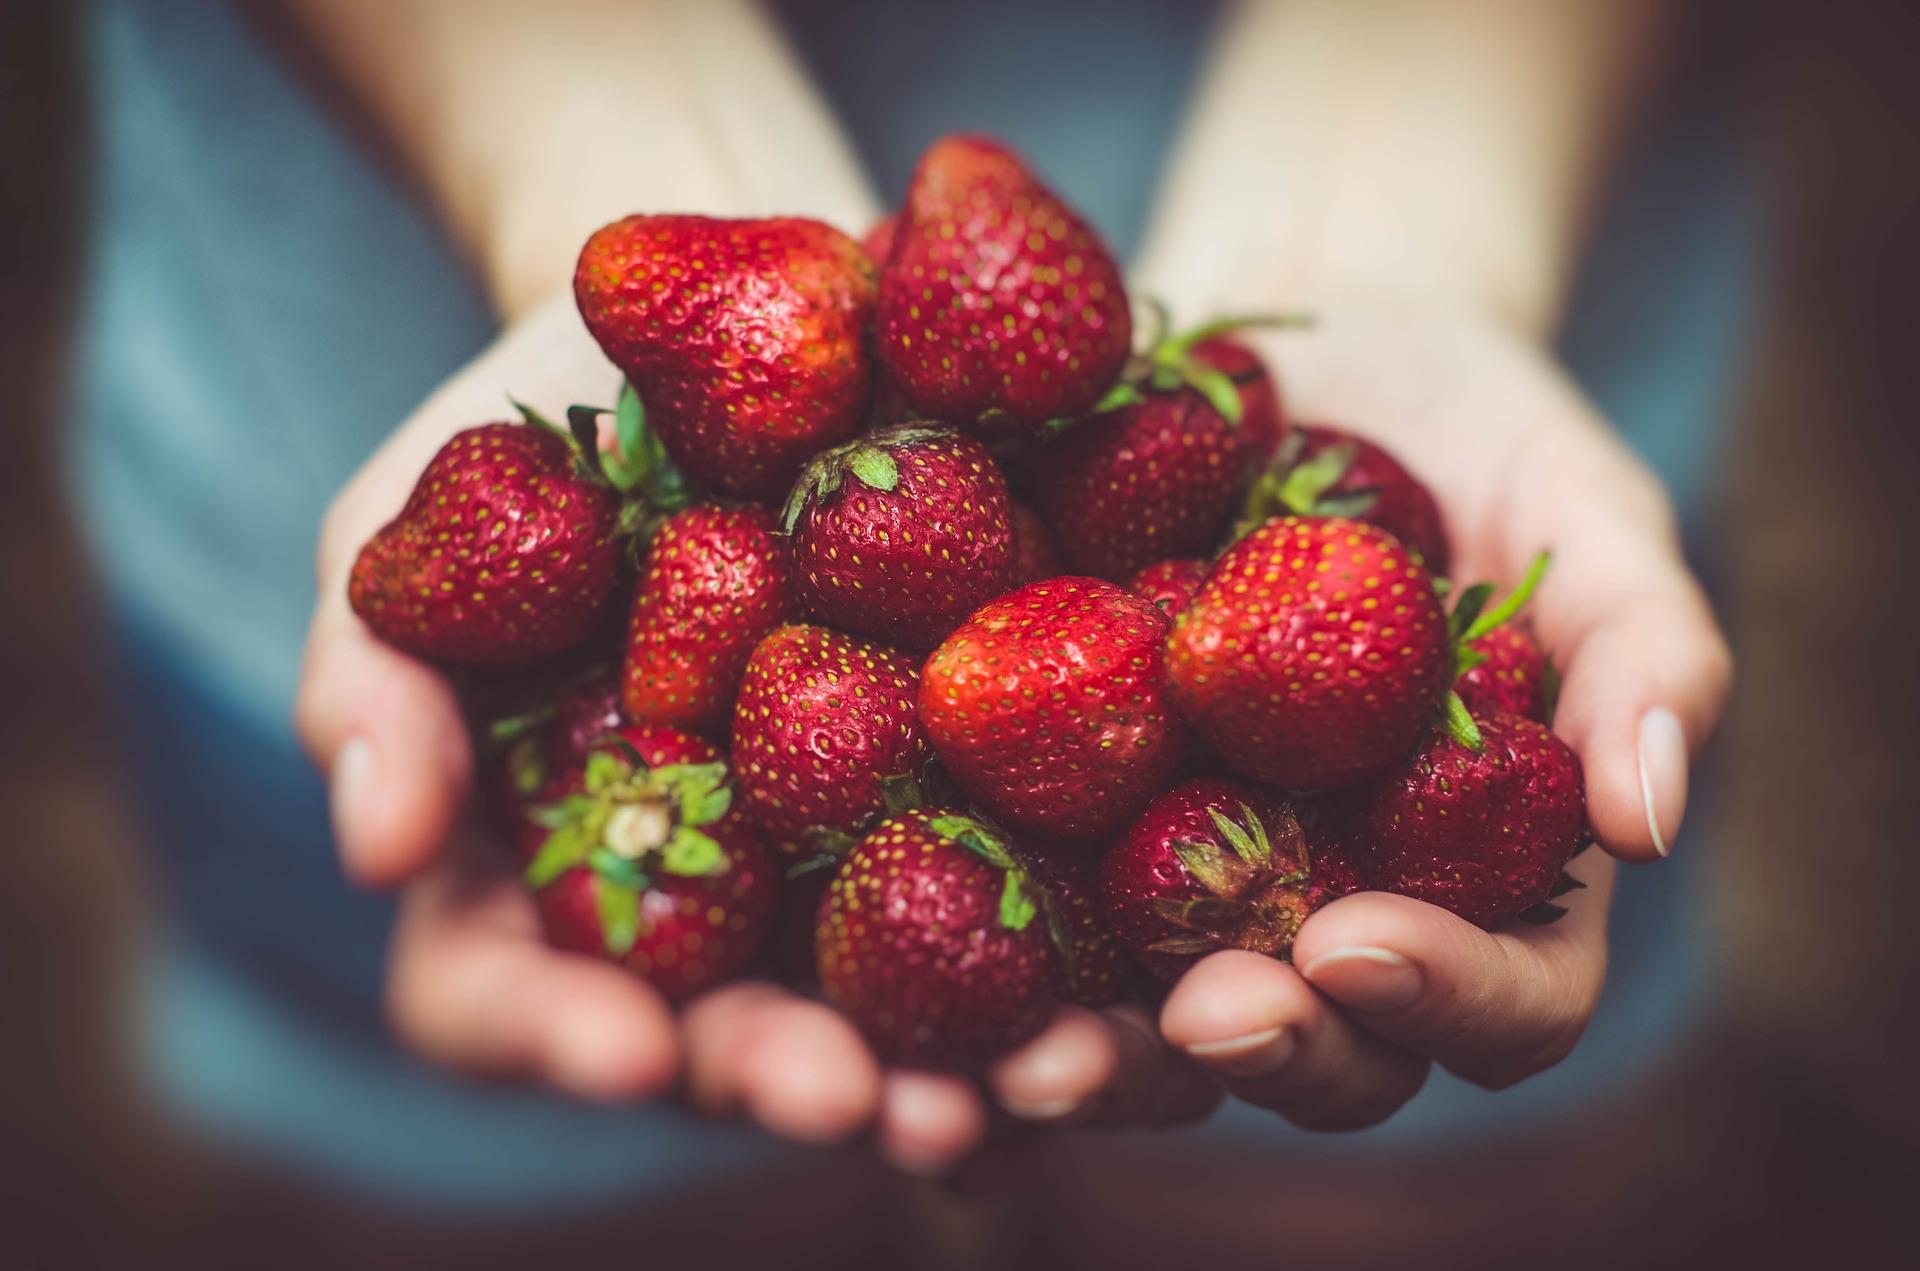 strawberries-1835934_1920.jpg